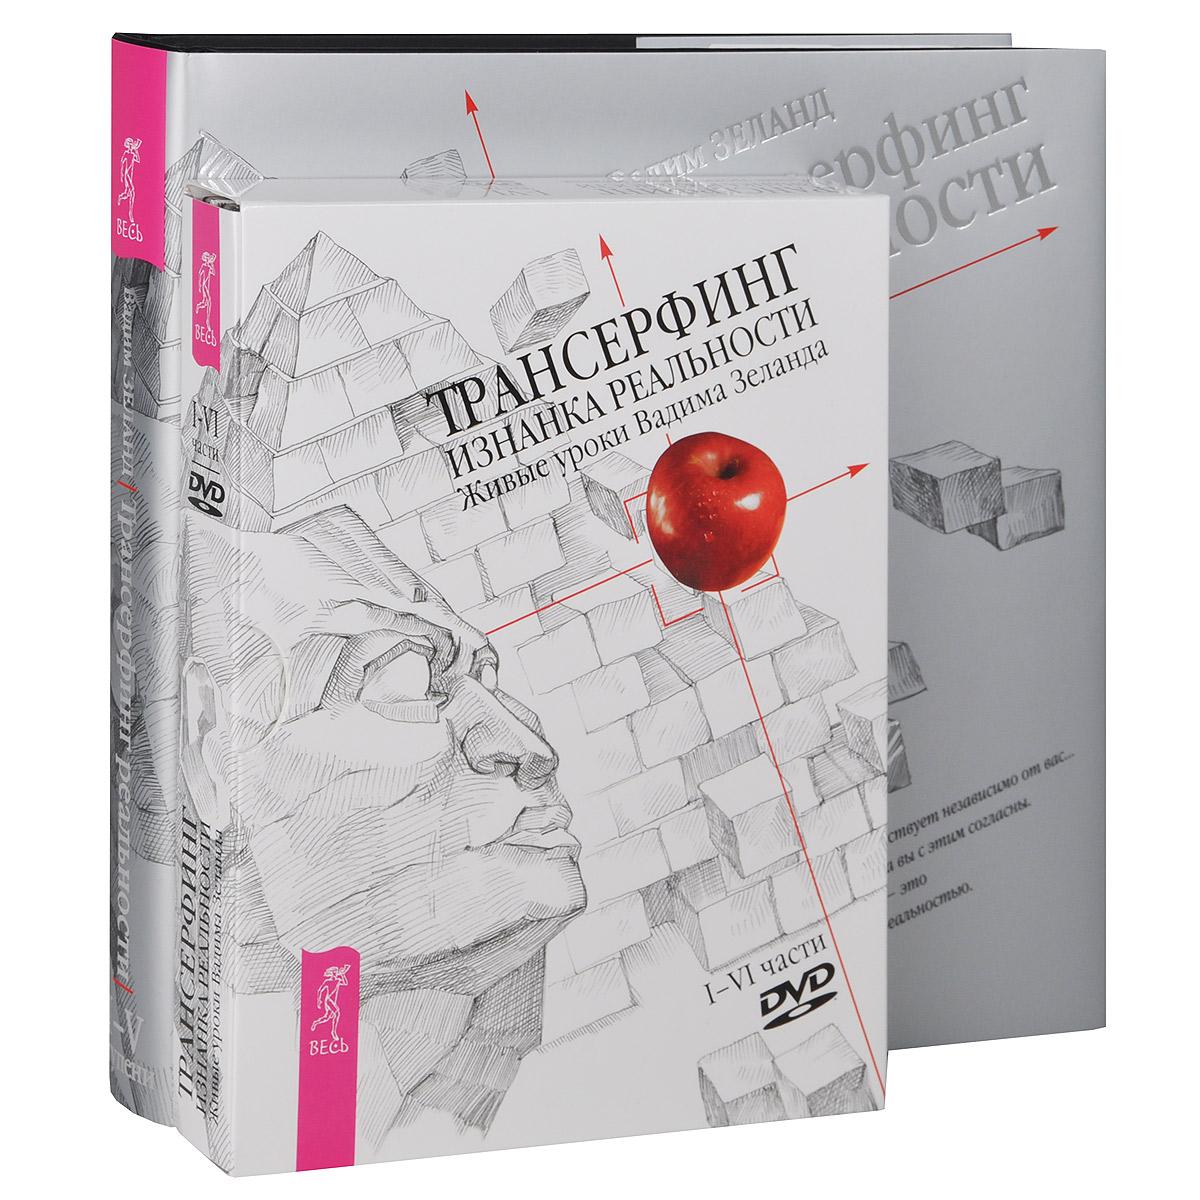 Трансерфинг реальности. 1-5 ступени (+ 4 DVD). Вадим Зеланд